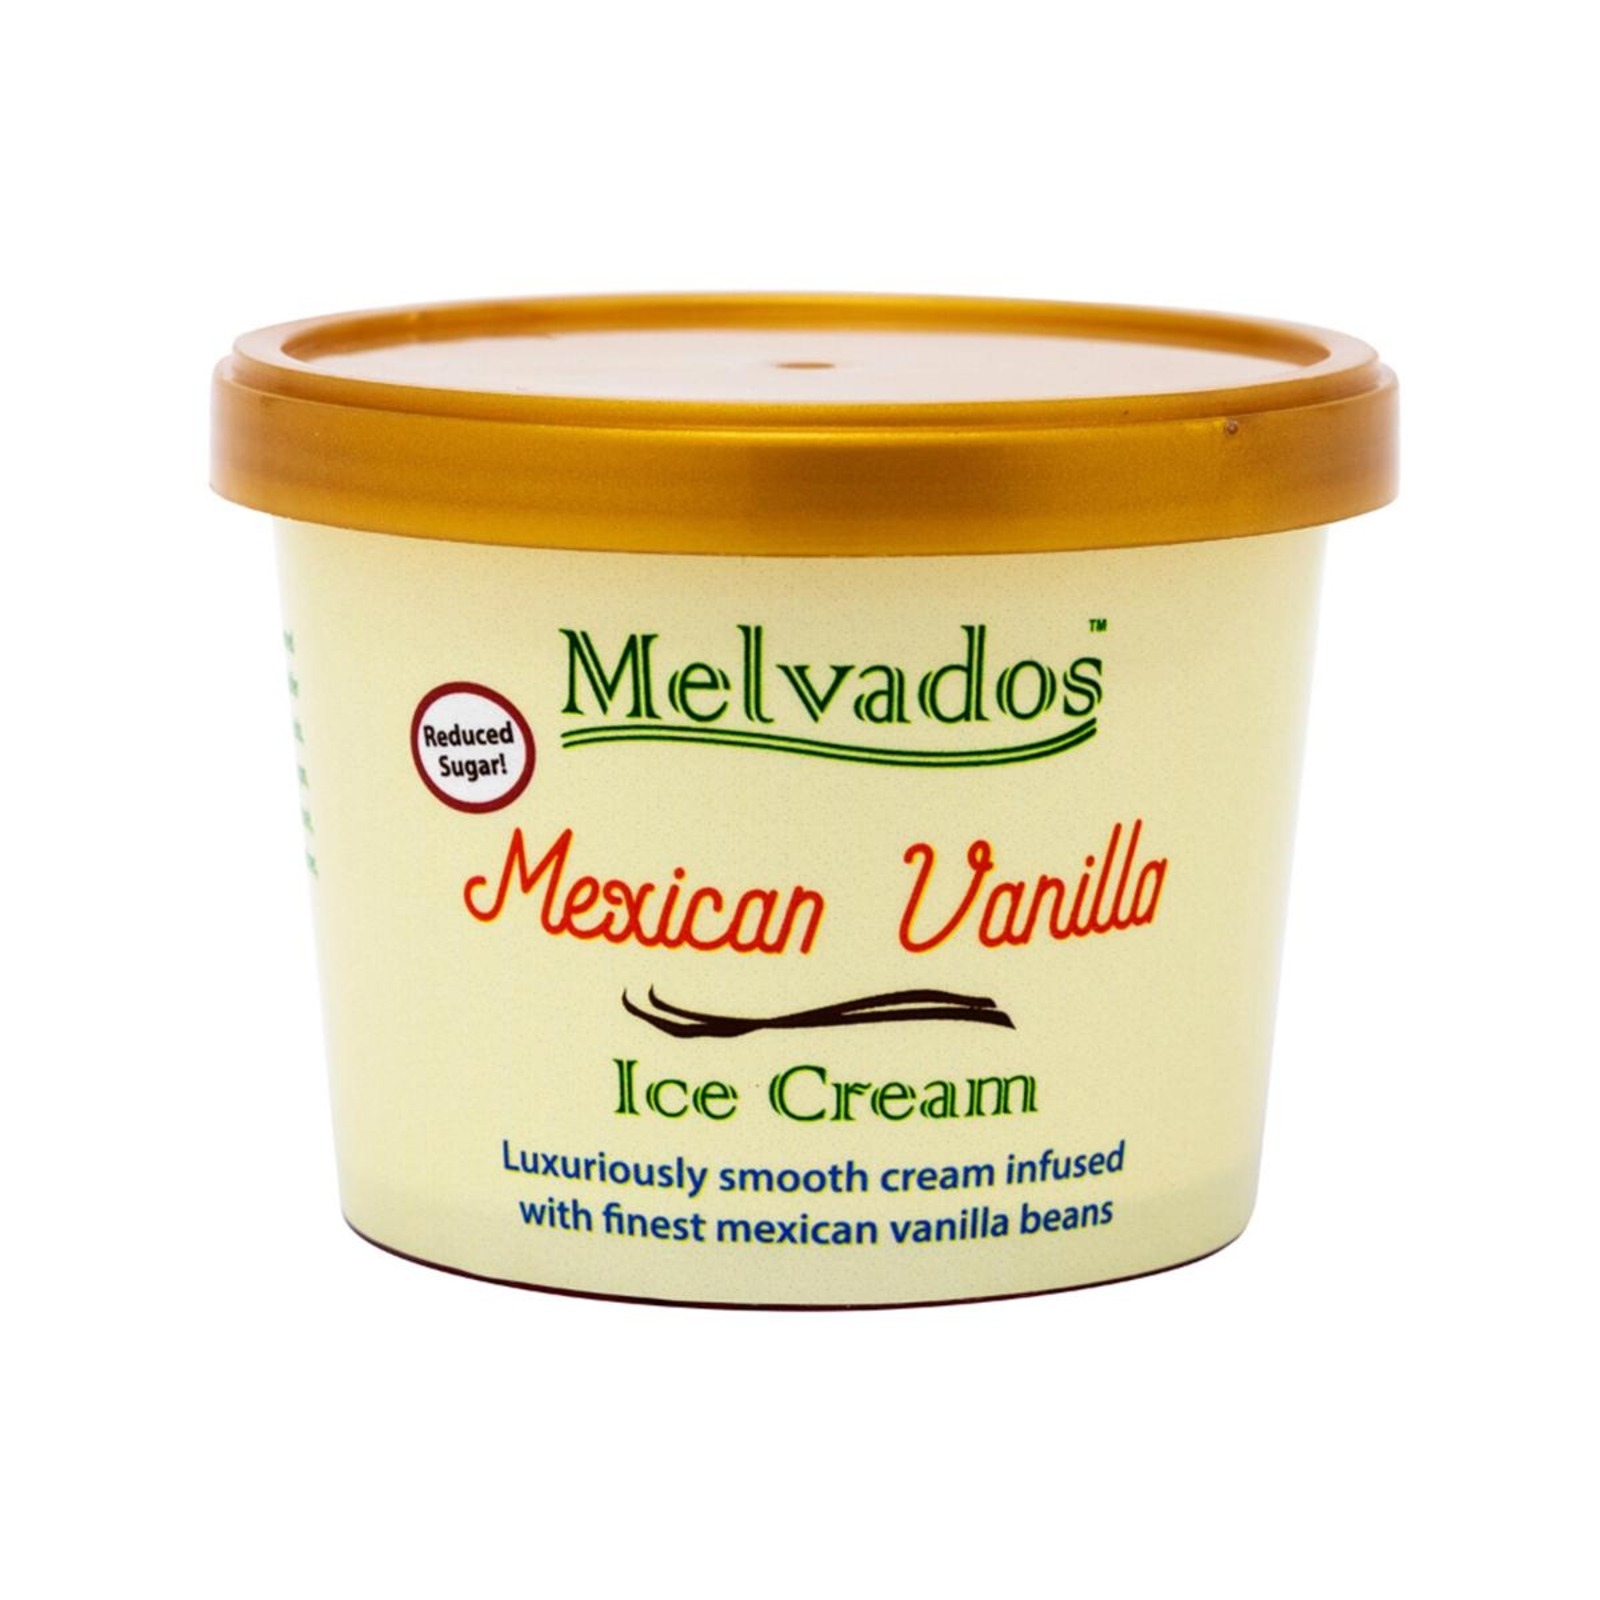 MELVADOS (Reduced Sugar) Mexican Vanilla Ice Cream